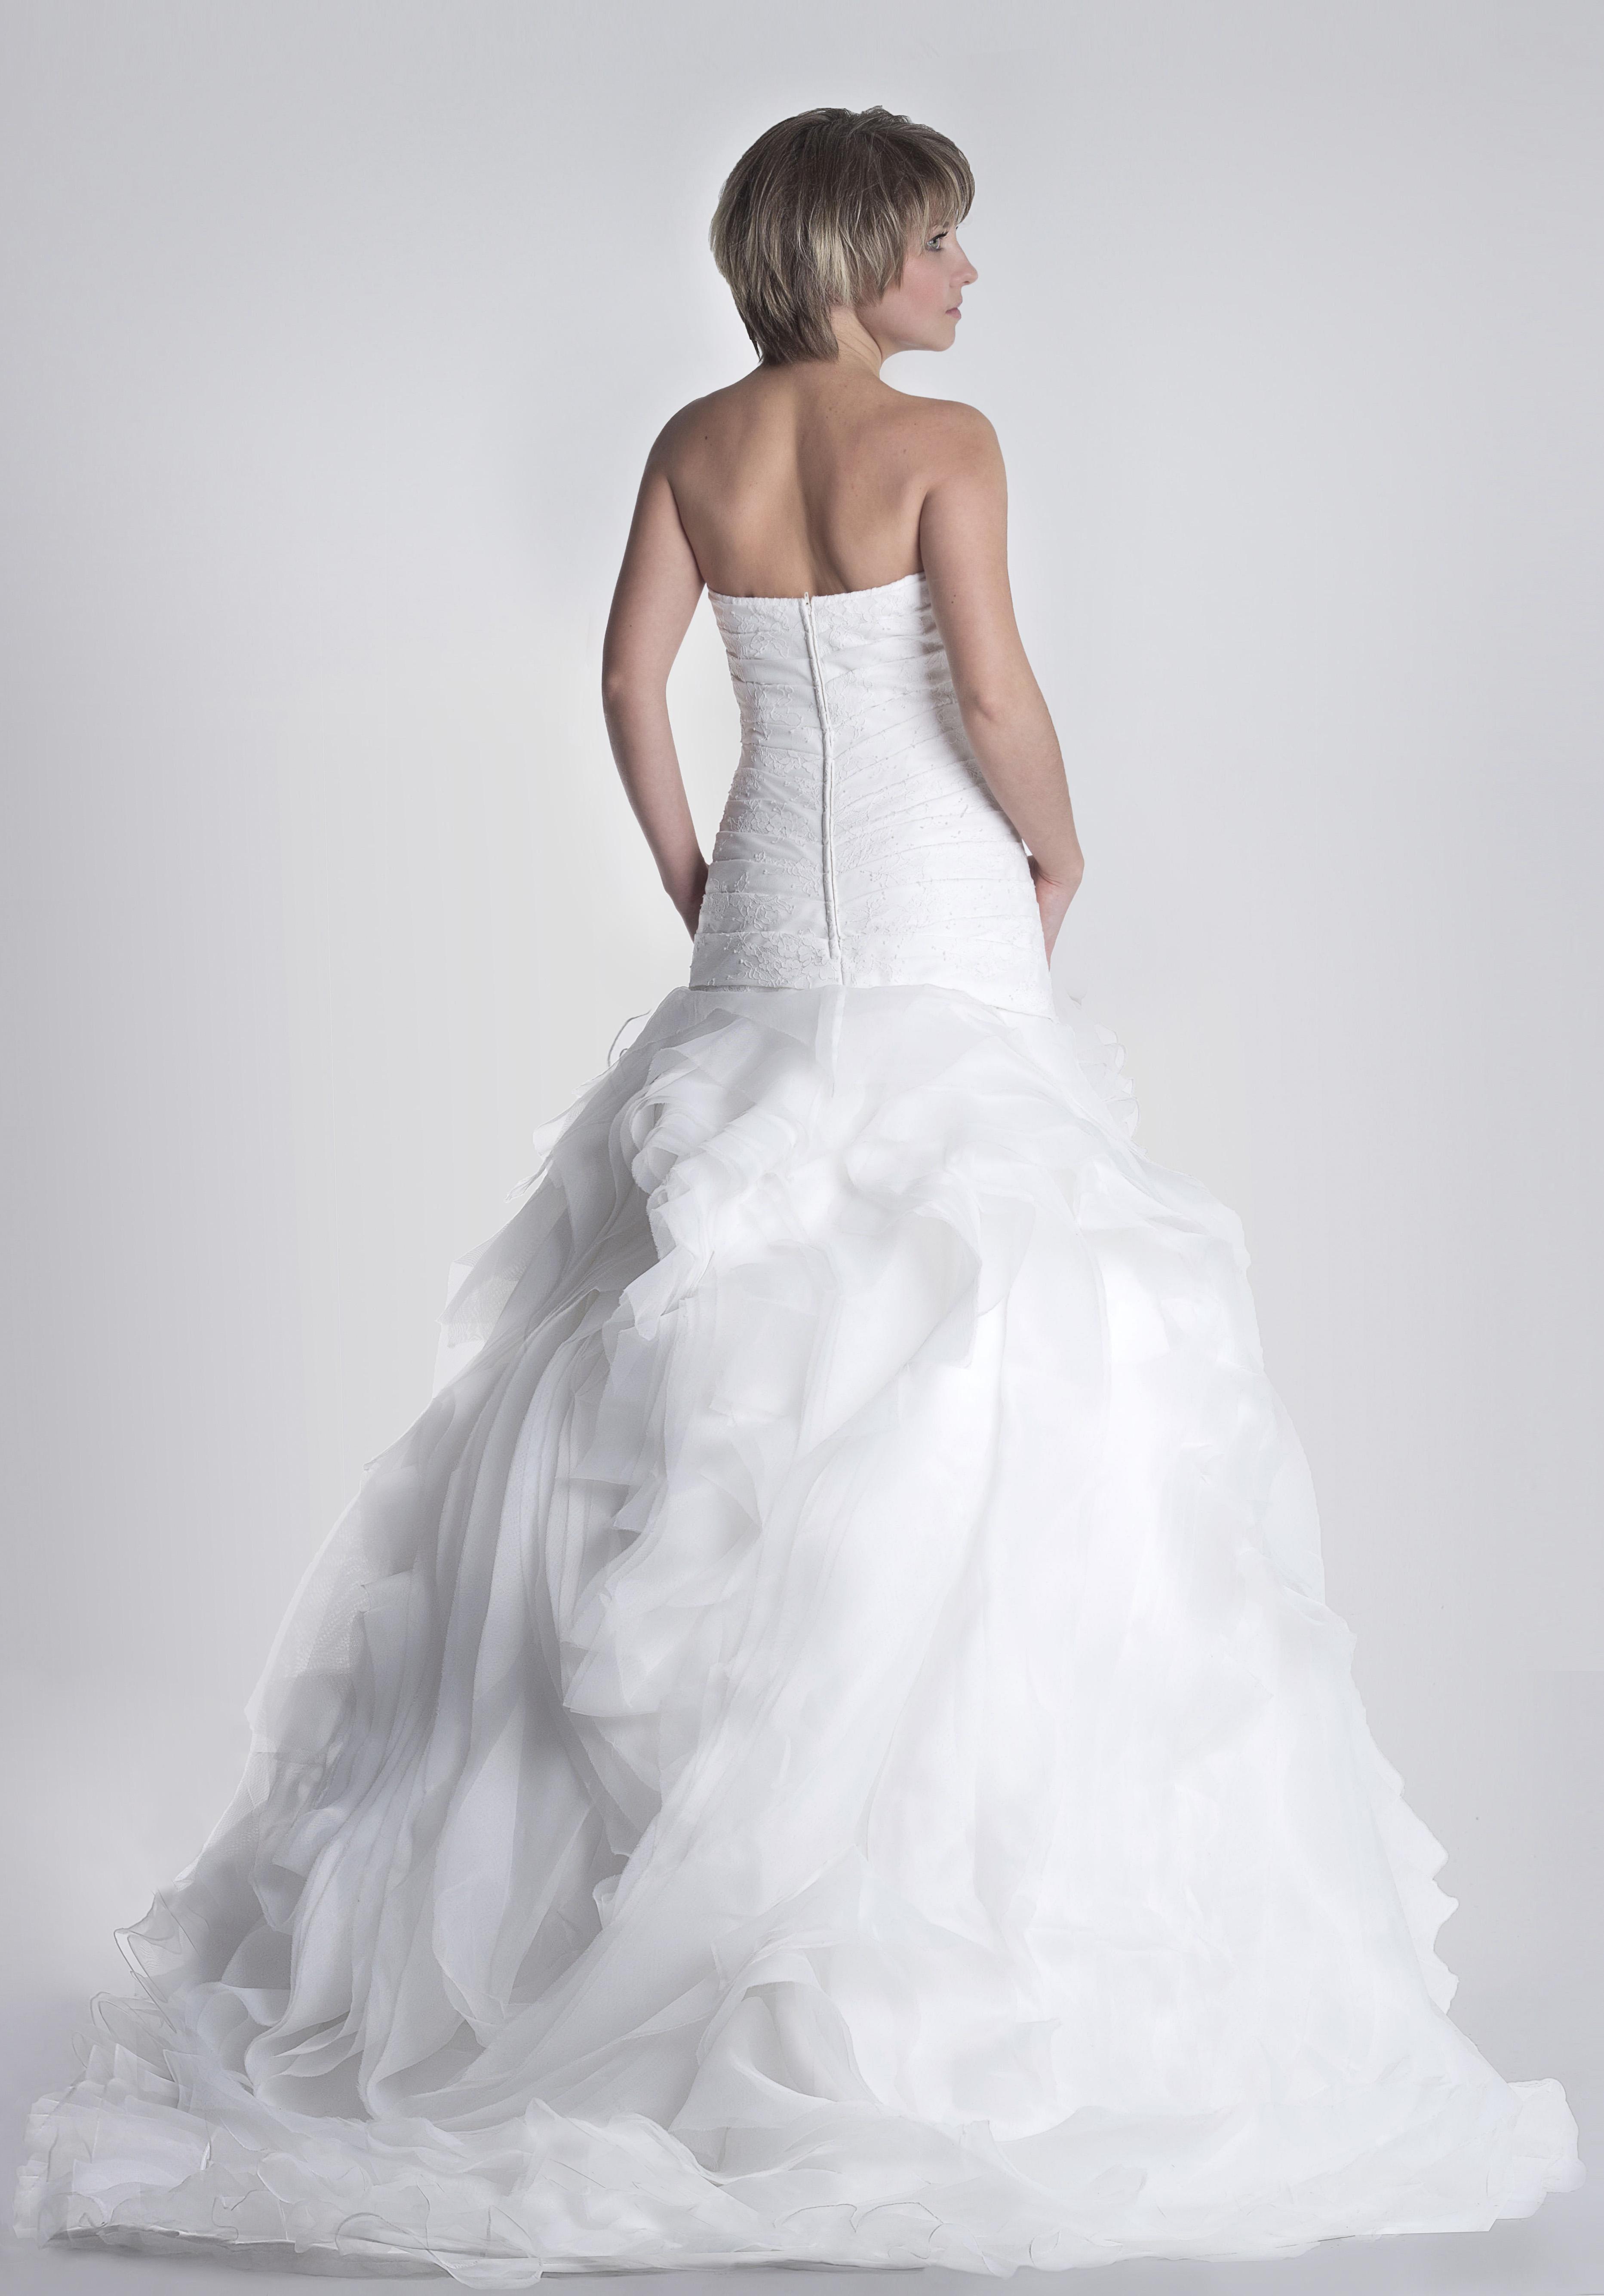 Nombres de los vestidos de novia